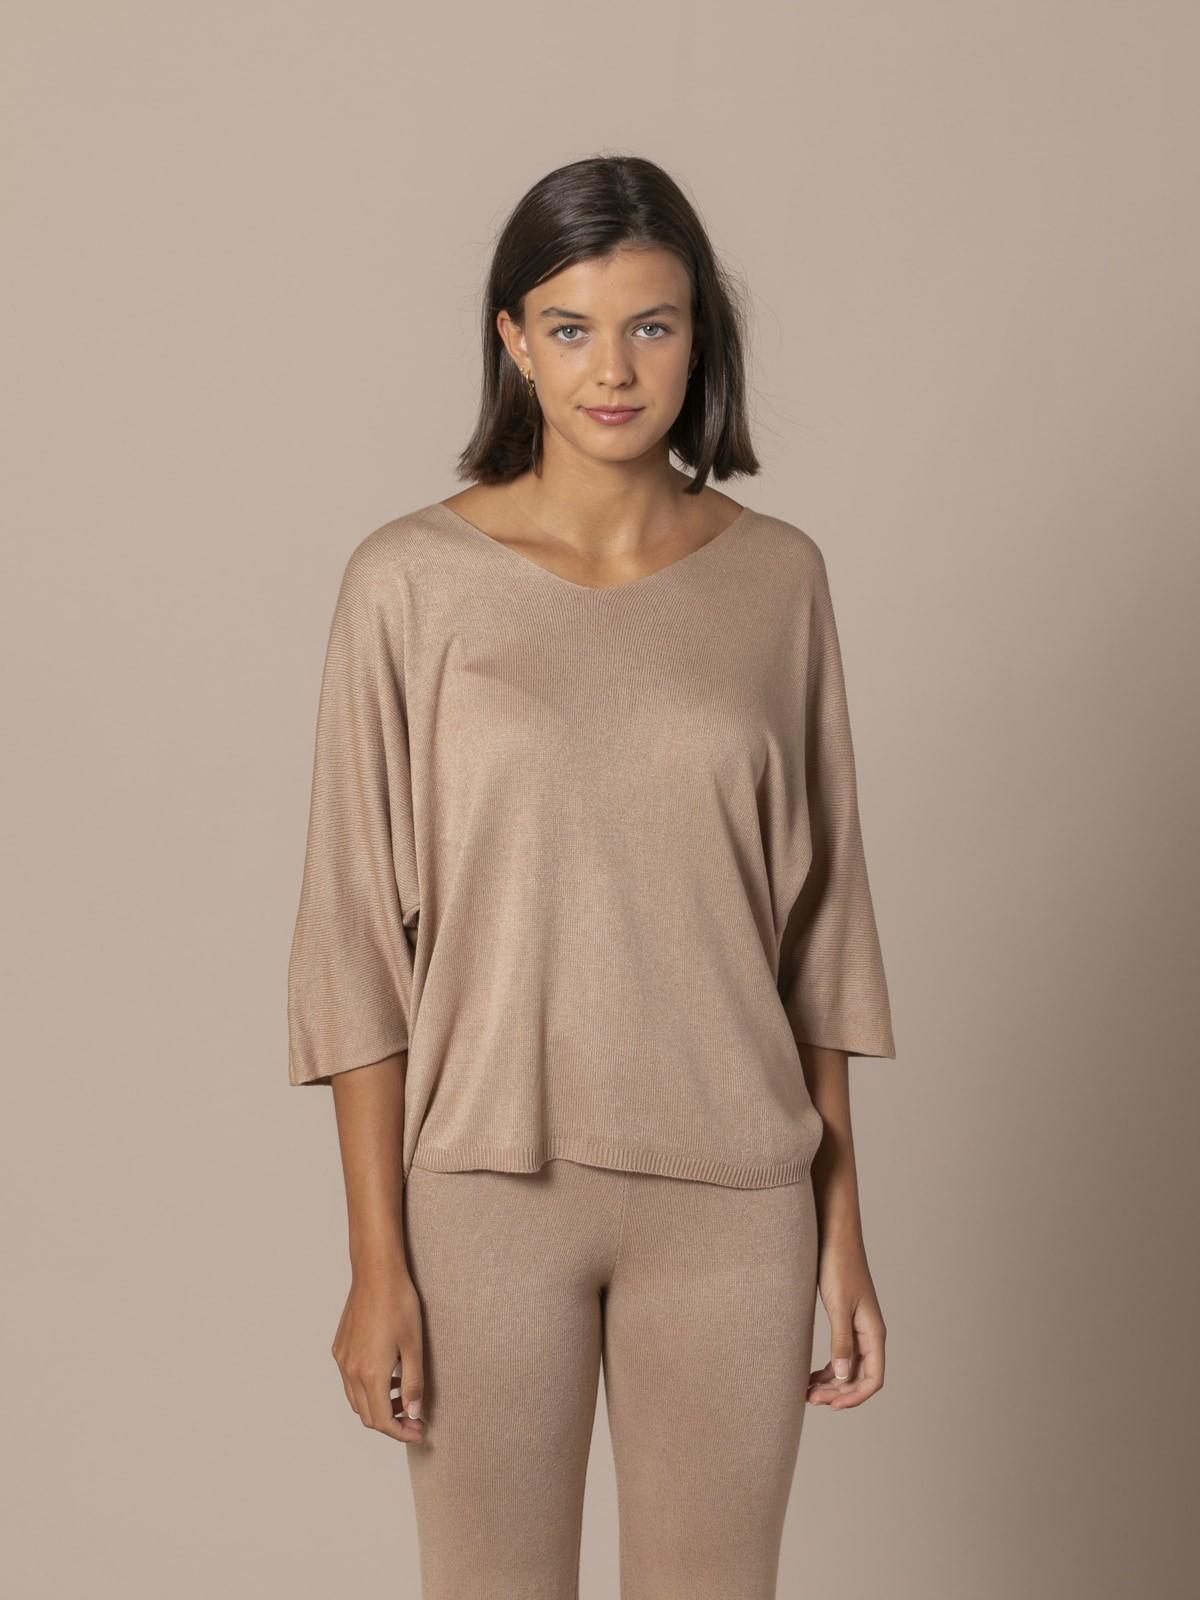 Jersey de mujer suelto Camel